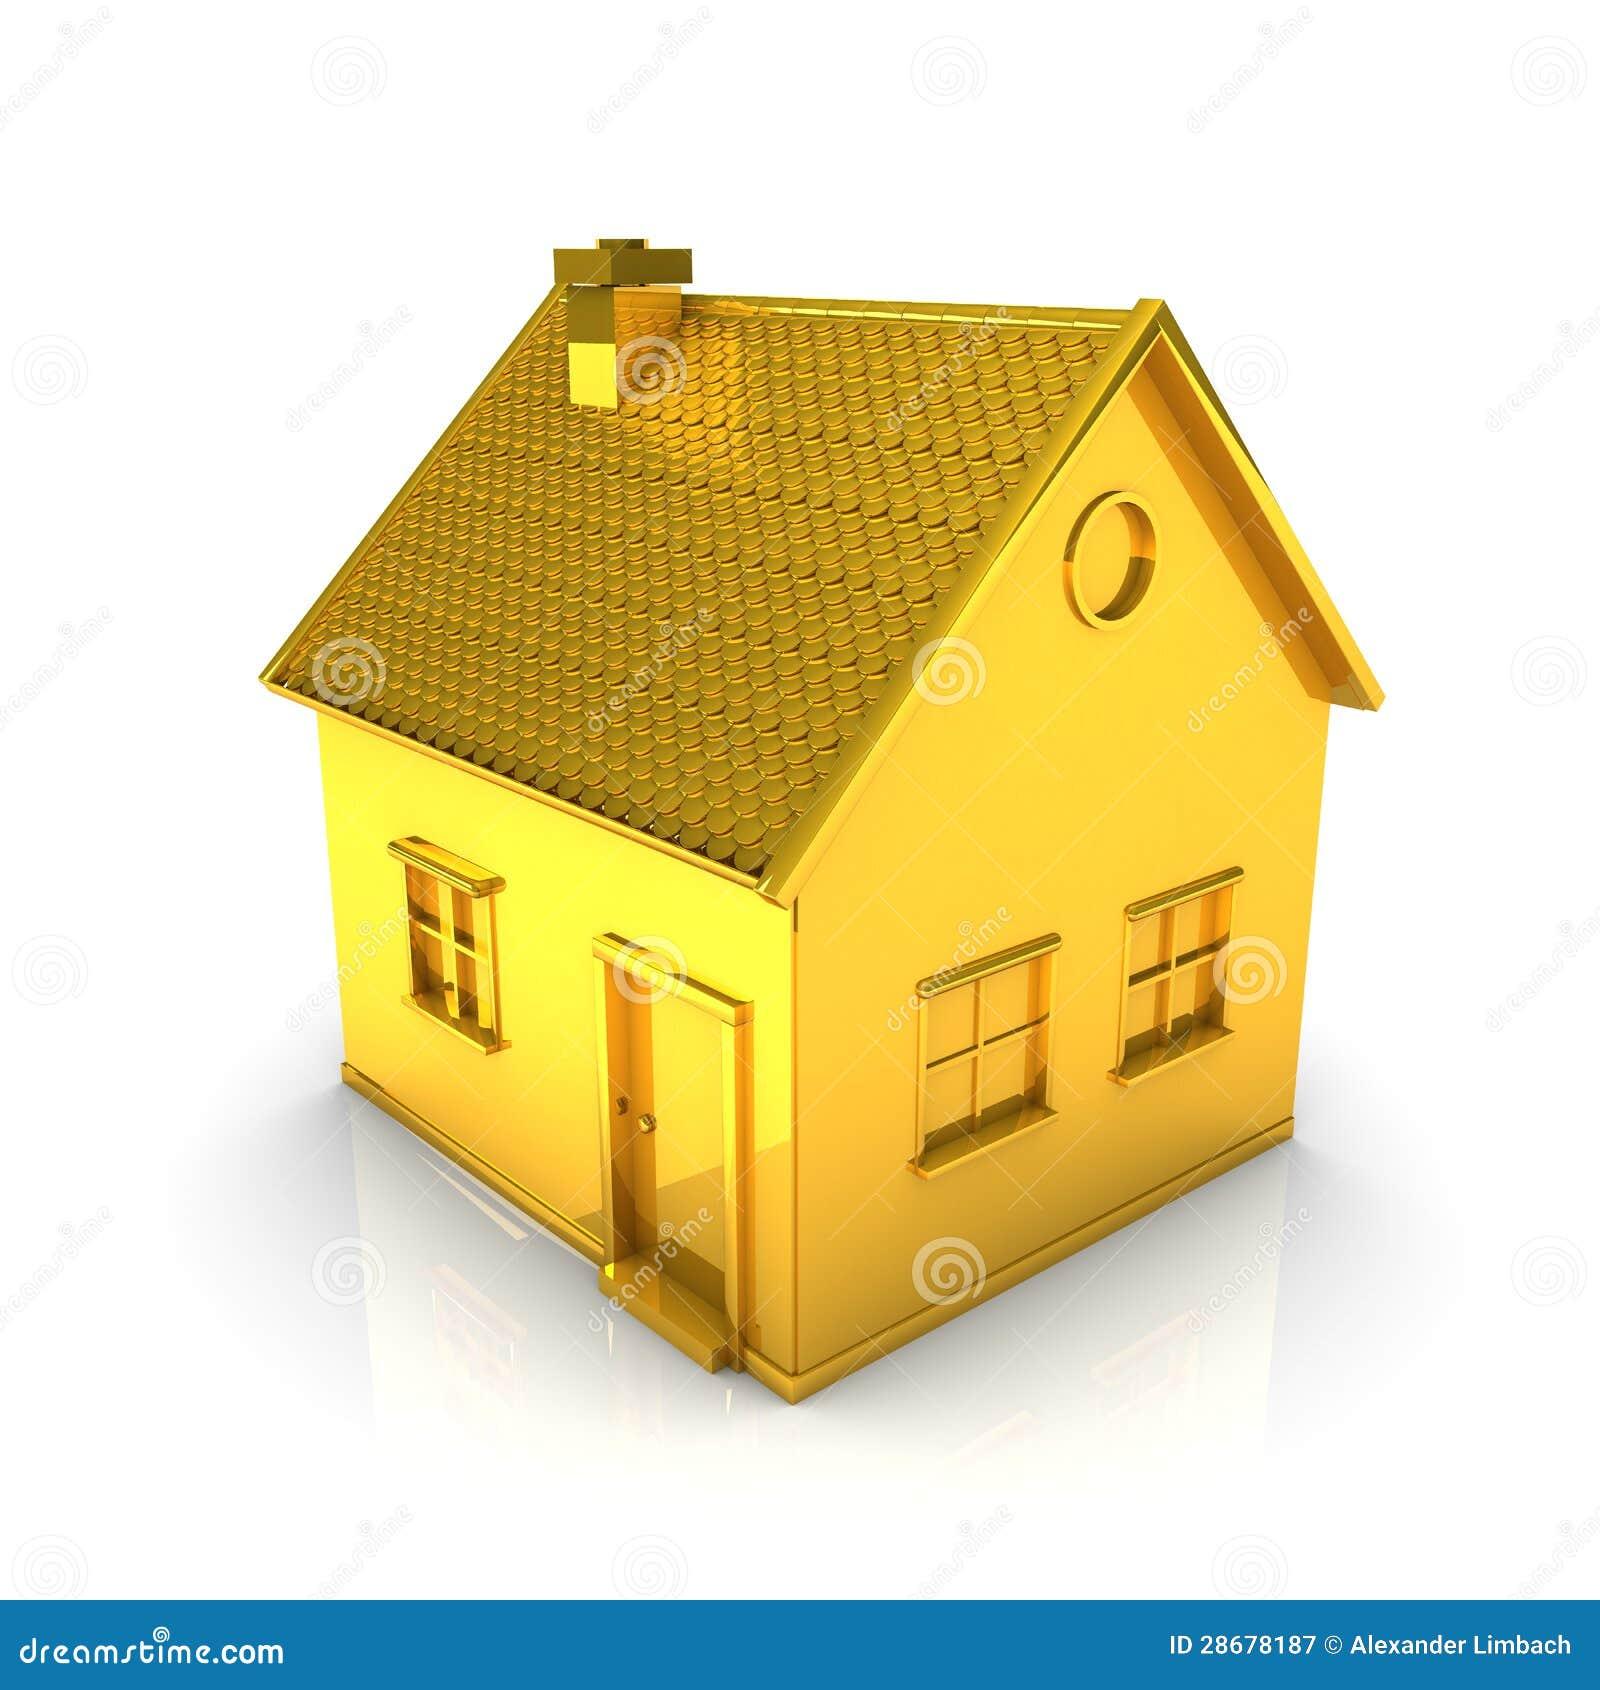 5 Casas hechas de oro con diamante.